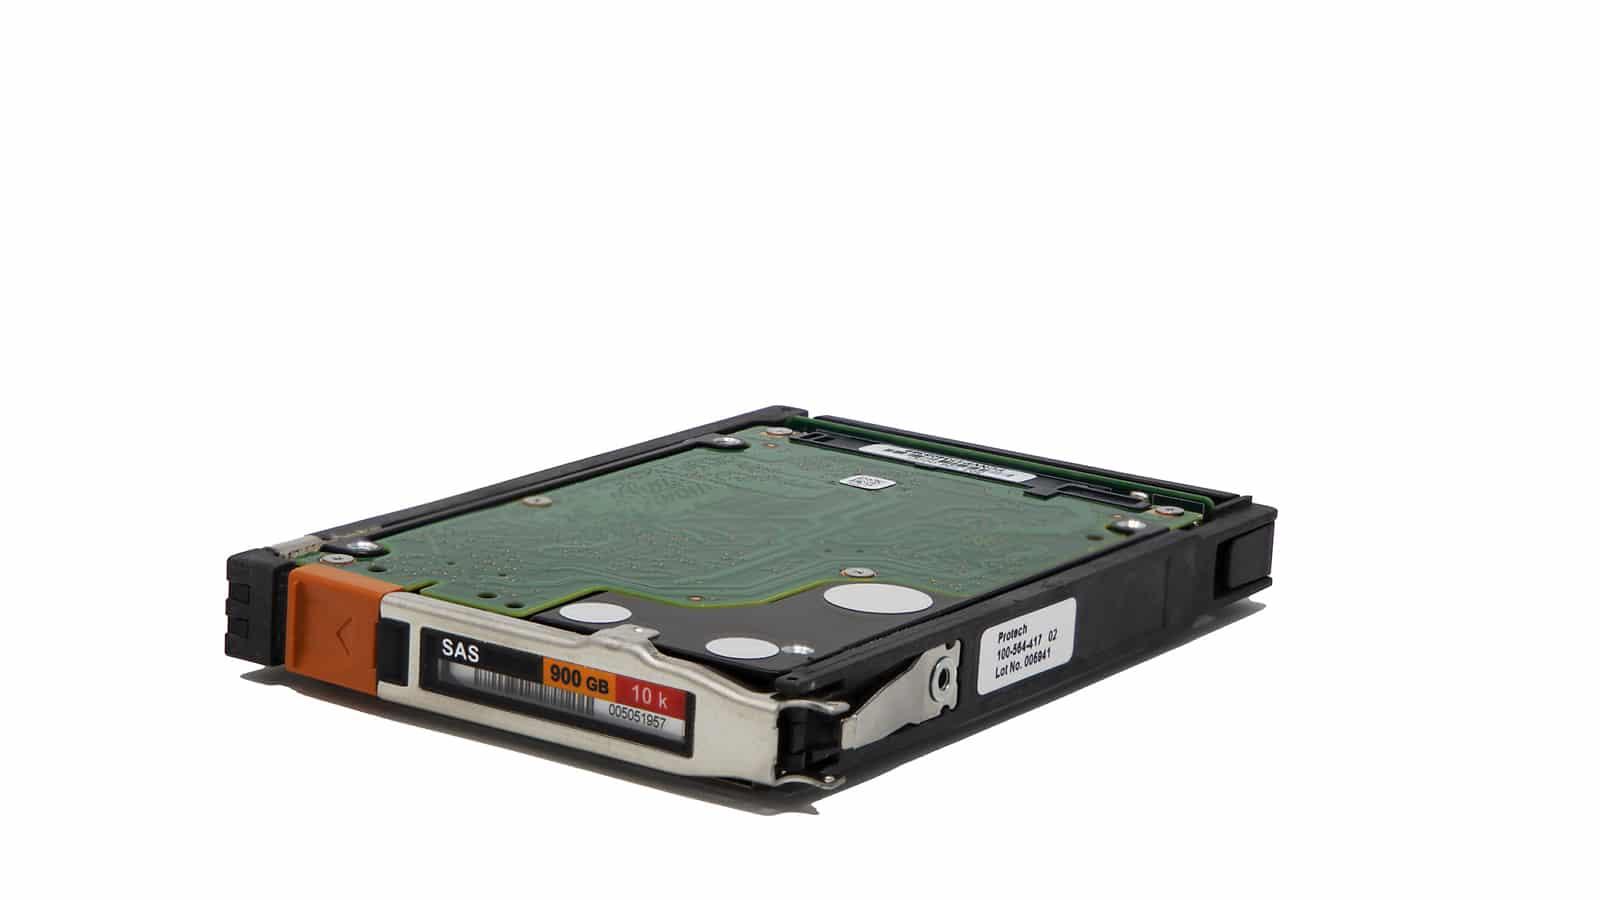 Festplatte mit erweiterten Schärfentiefe